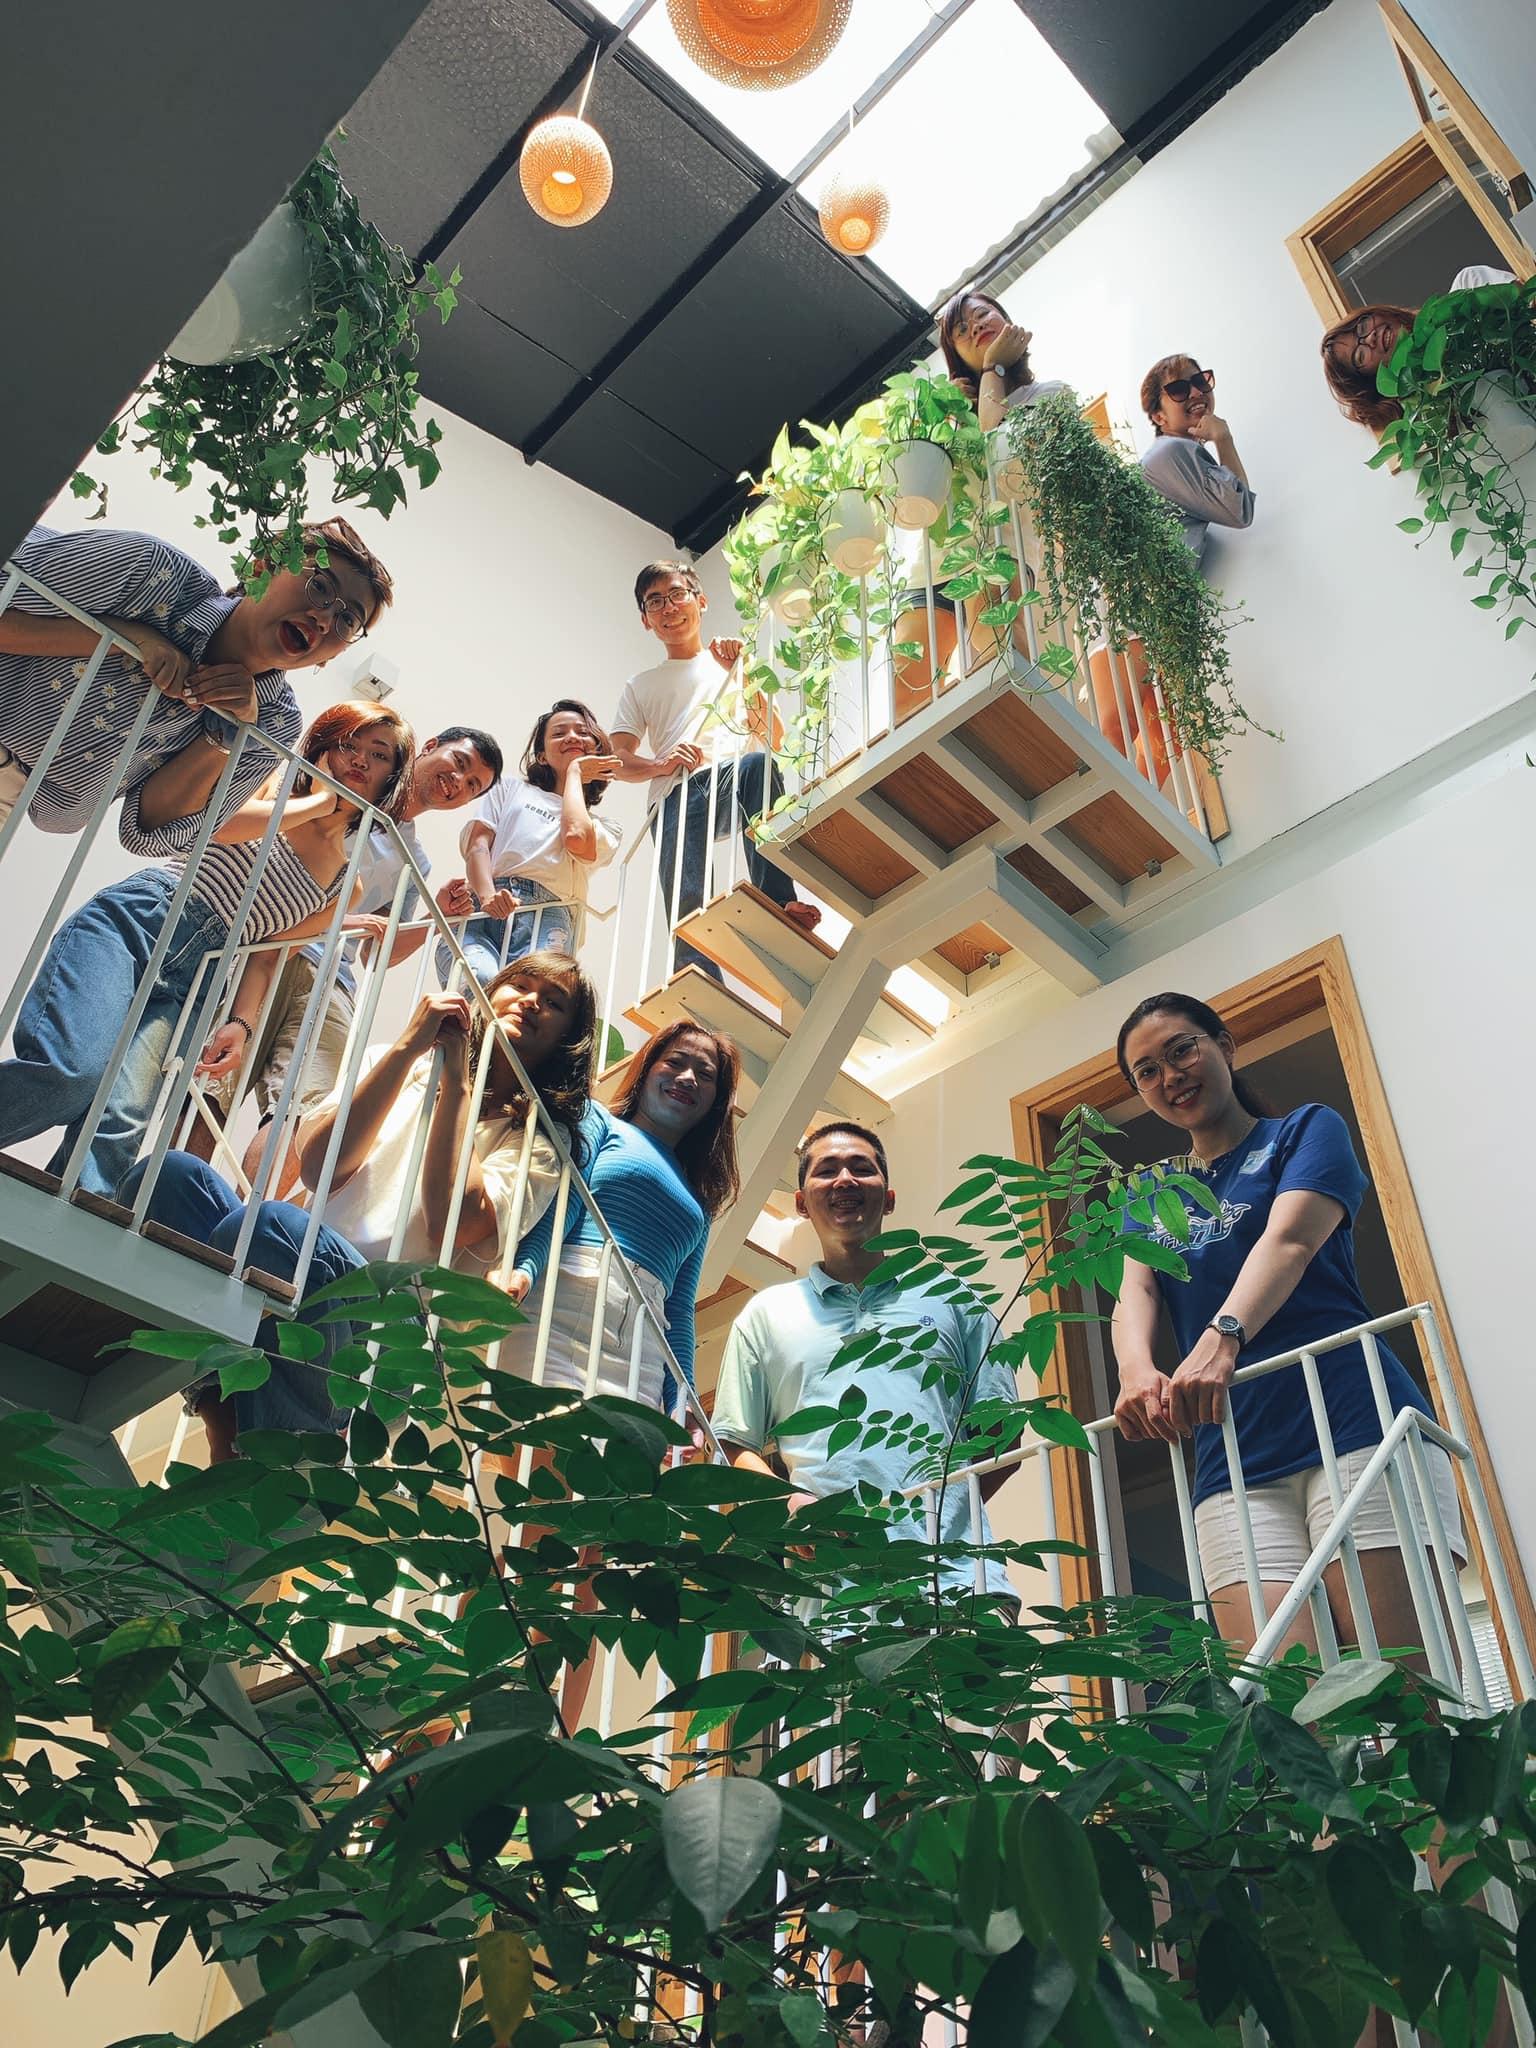 Nhóm bạn bè tụ tập trên cầu thang